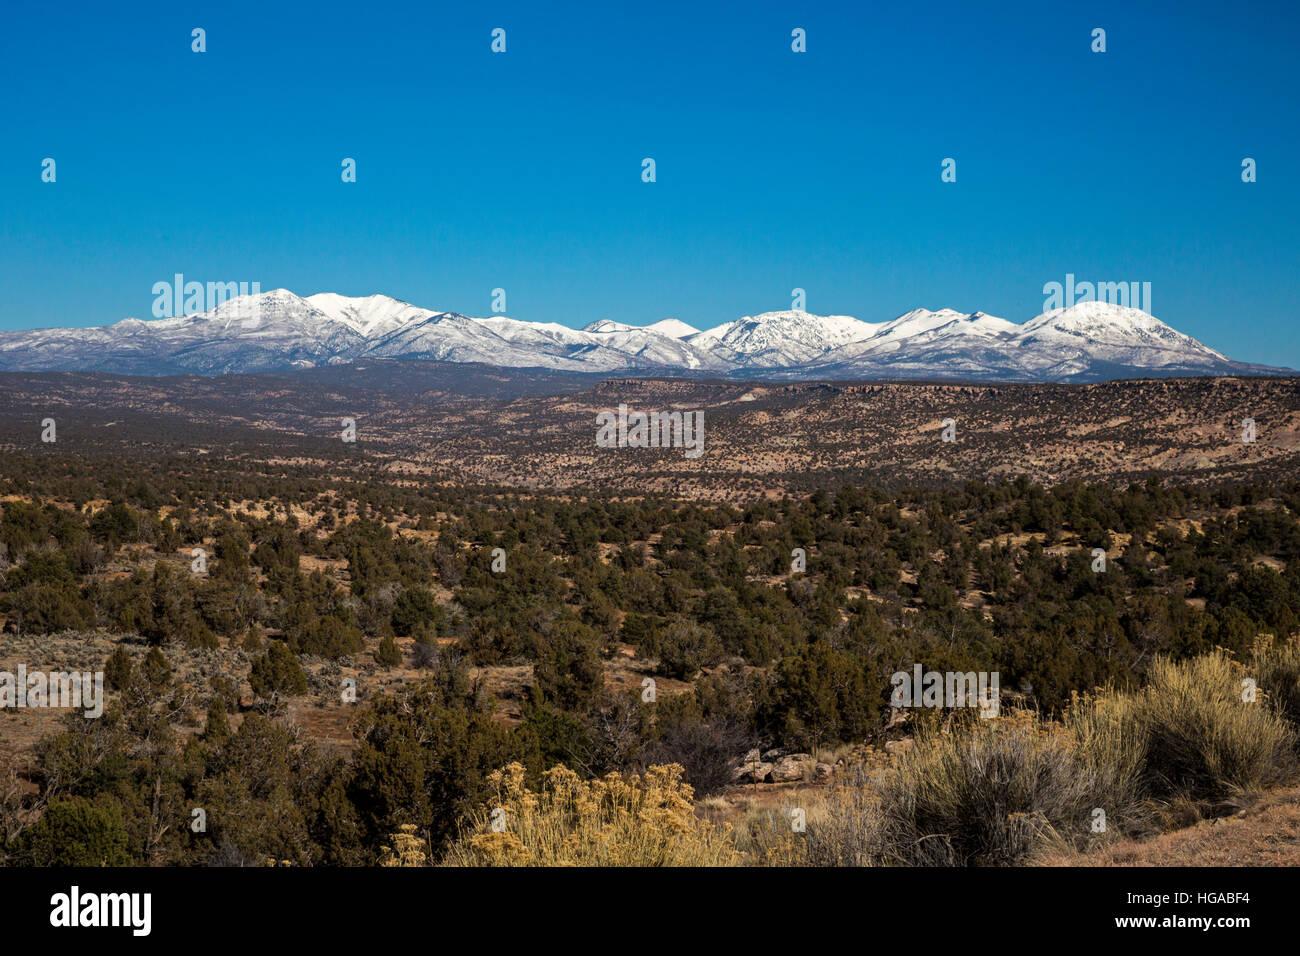 Blanding, Utah - tiene oídos Monumento Nacional ant la montaña abajo. Imagen De Stock